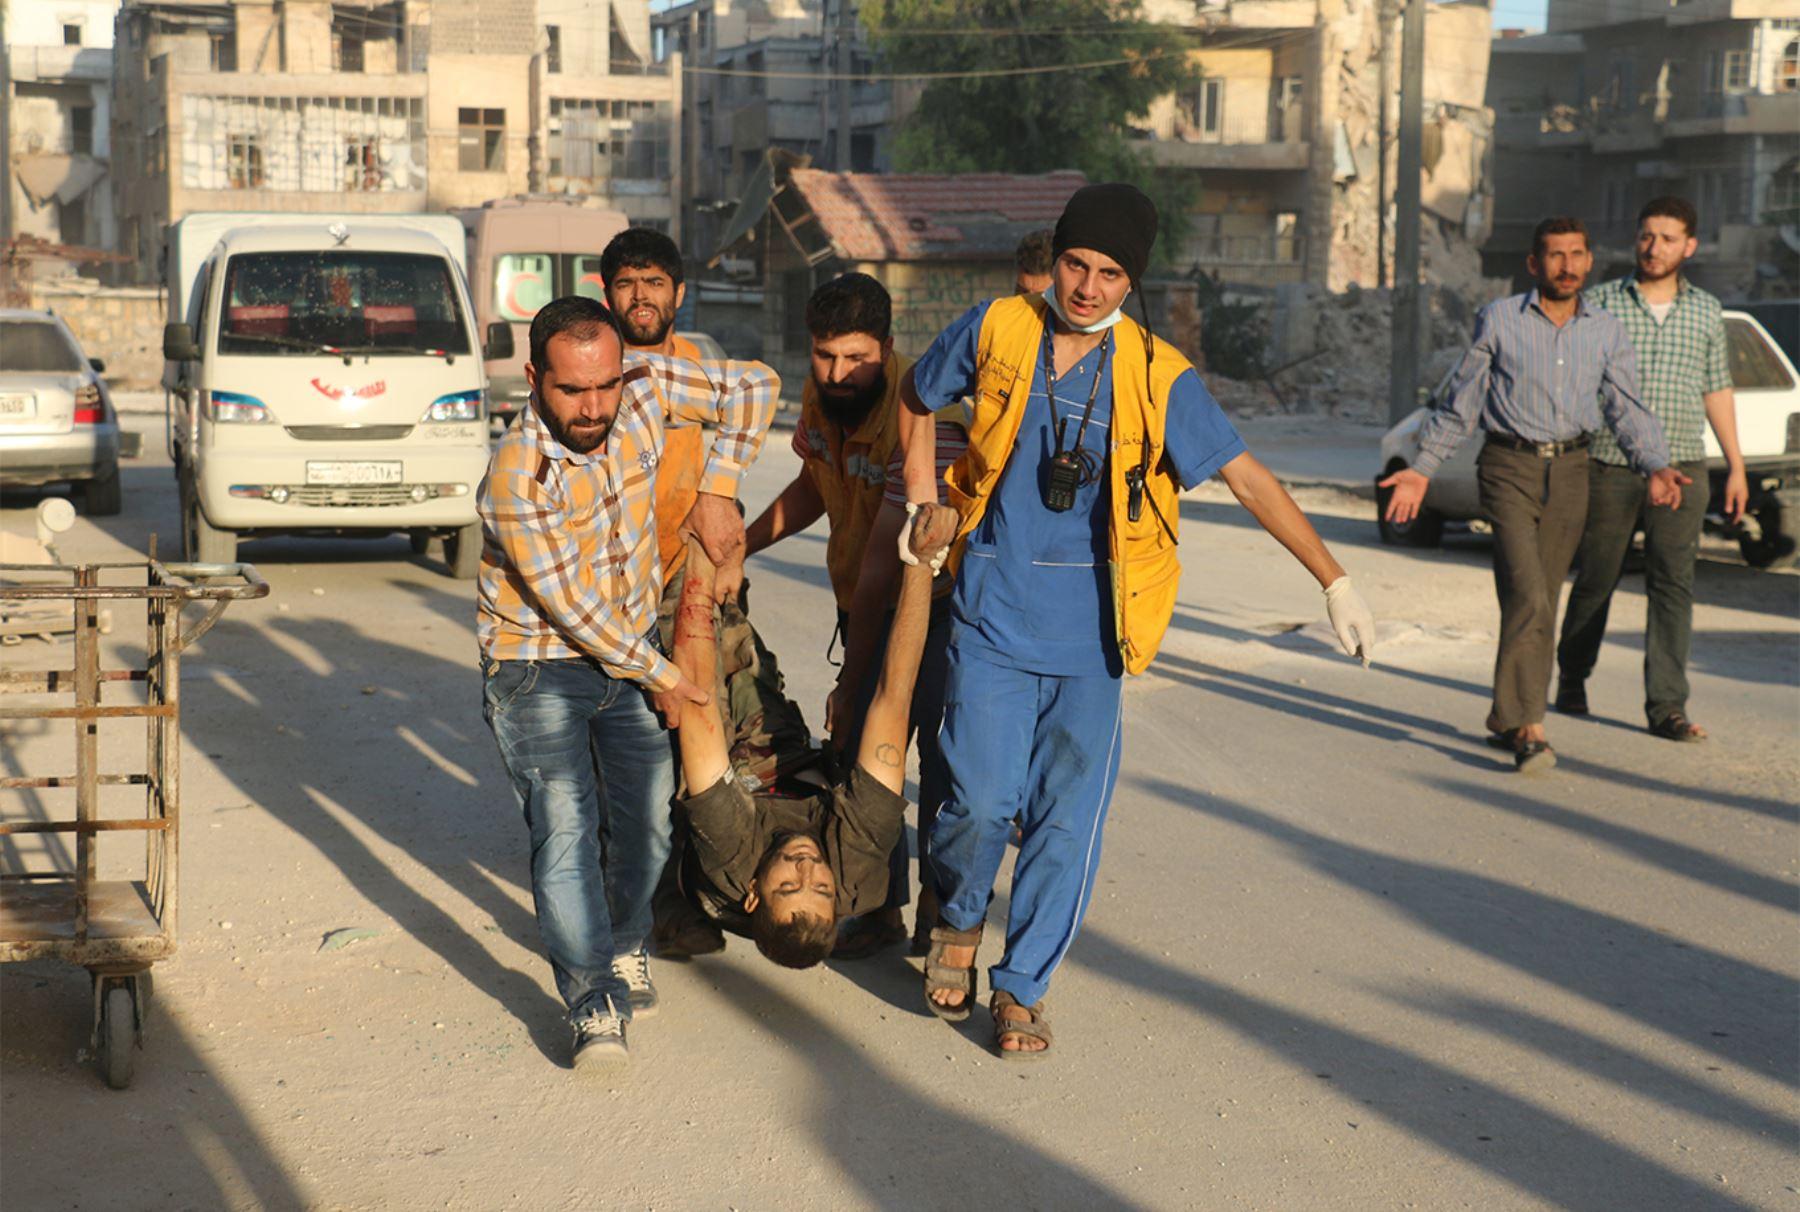 Trabajadores de rescate y residentes llevan el cuerpo de una víctima tras un ataque aéreo reportado en el distrito controlado por los rebeldes Salaheddin de Alepo el 25 de septiembre de 2016.  Foto:AFP